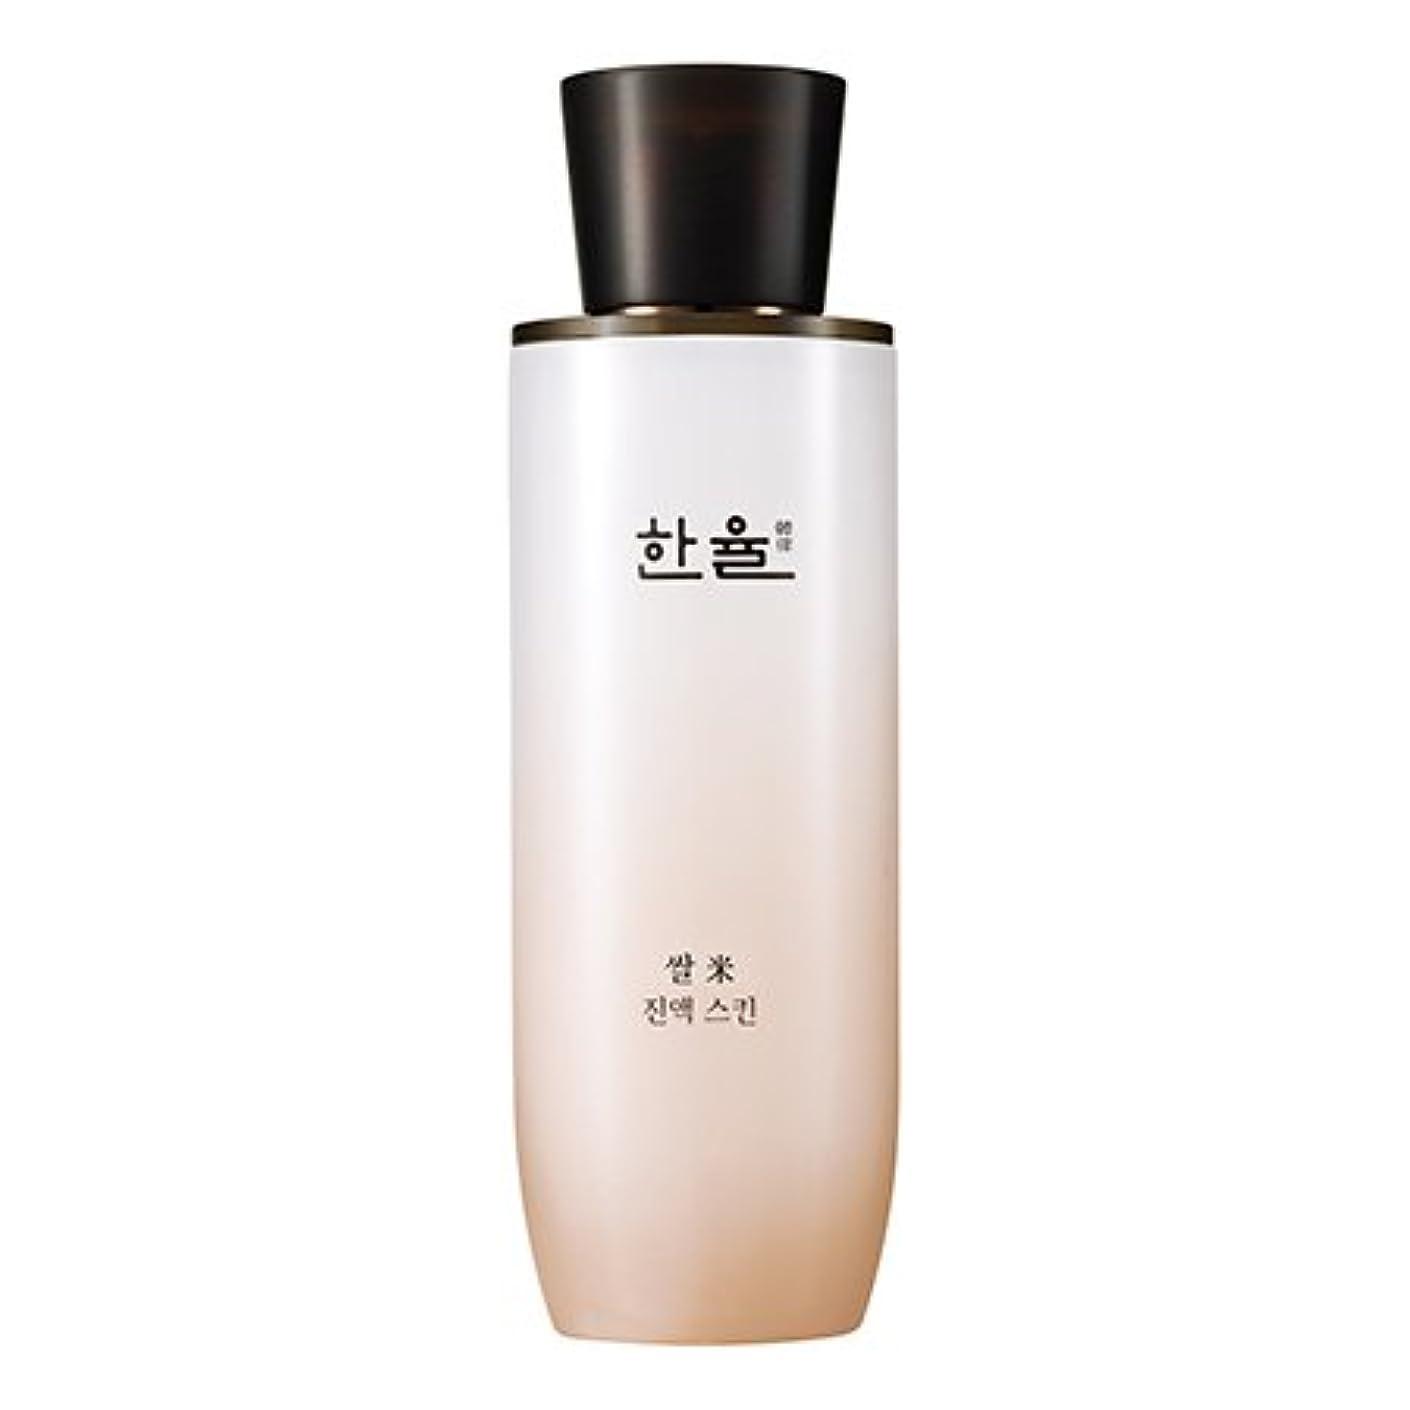 韓律/ハンユル 米 津液 スキン[海外直送品]